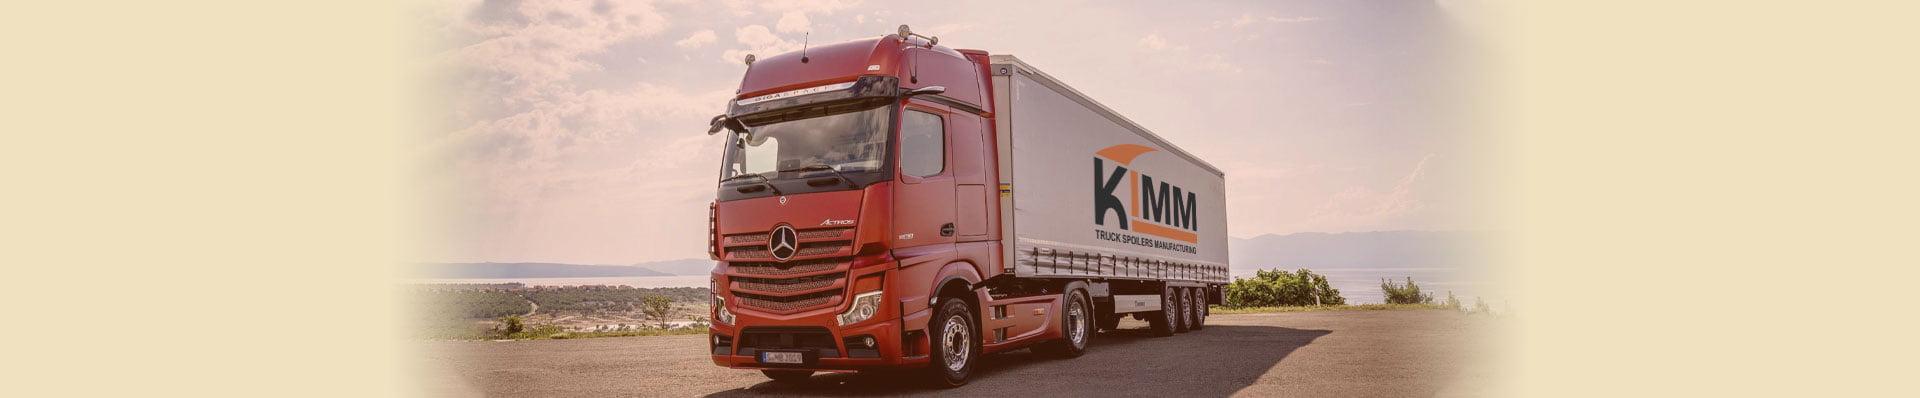 KIMM-izdelava-kamionskih-spojlerjev-banner-2